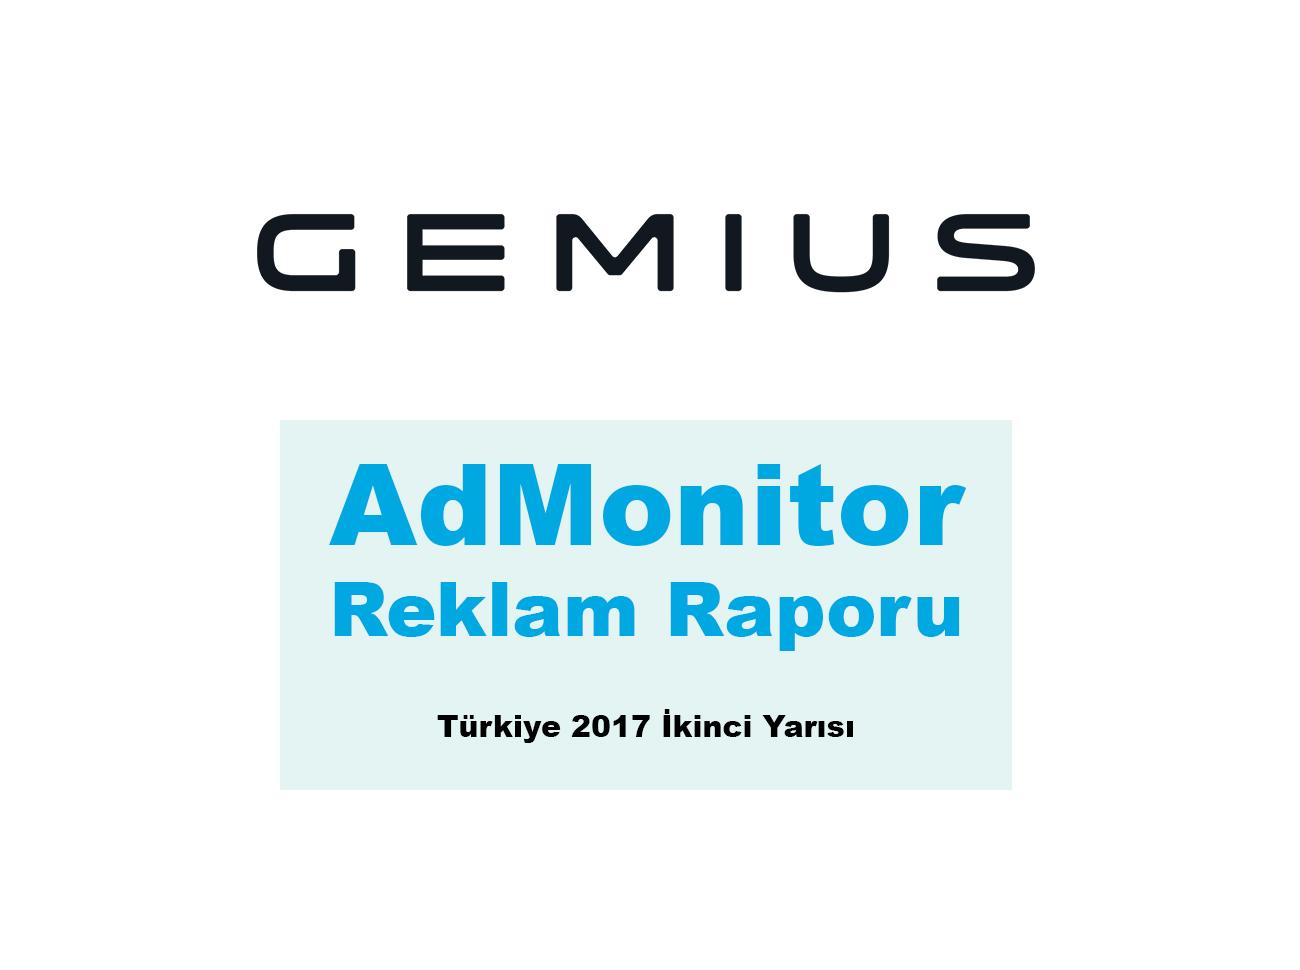 AdMonitor Türkiye 2017 İkinci Yarısı Reklam Raporunu Yayımladı